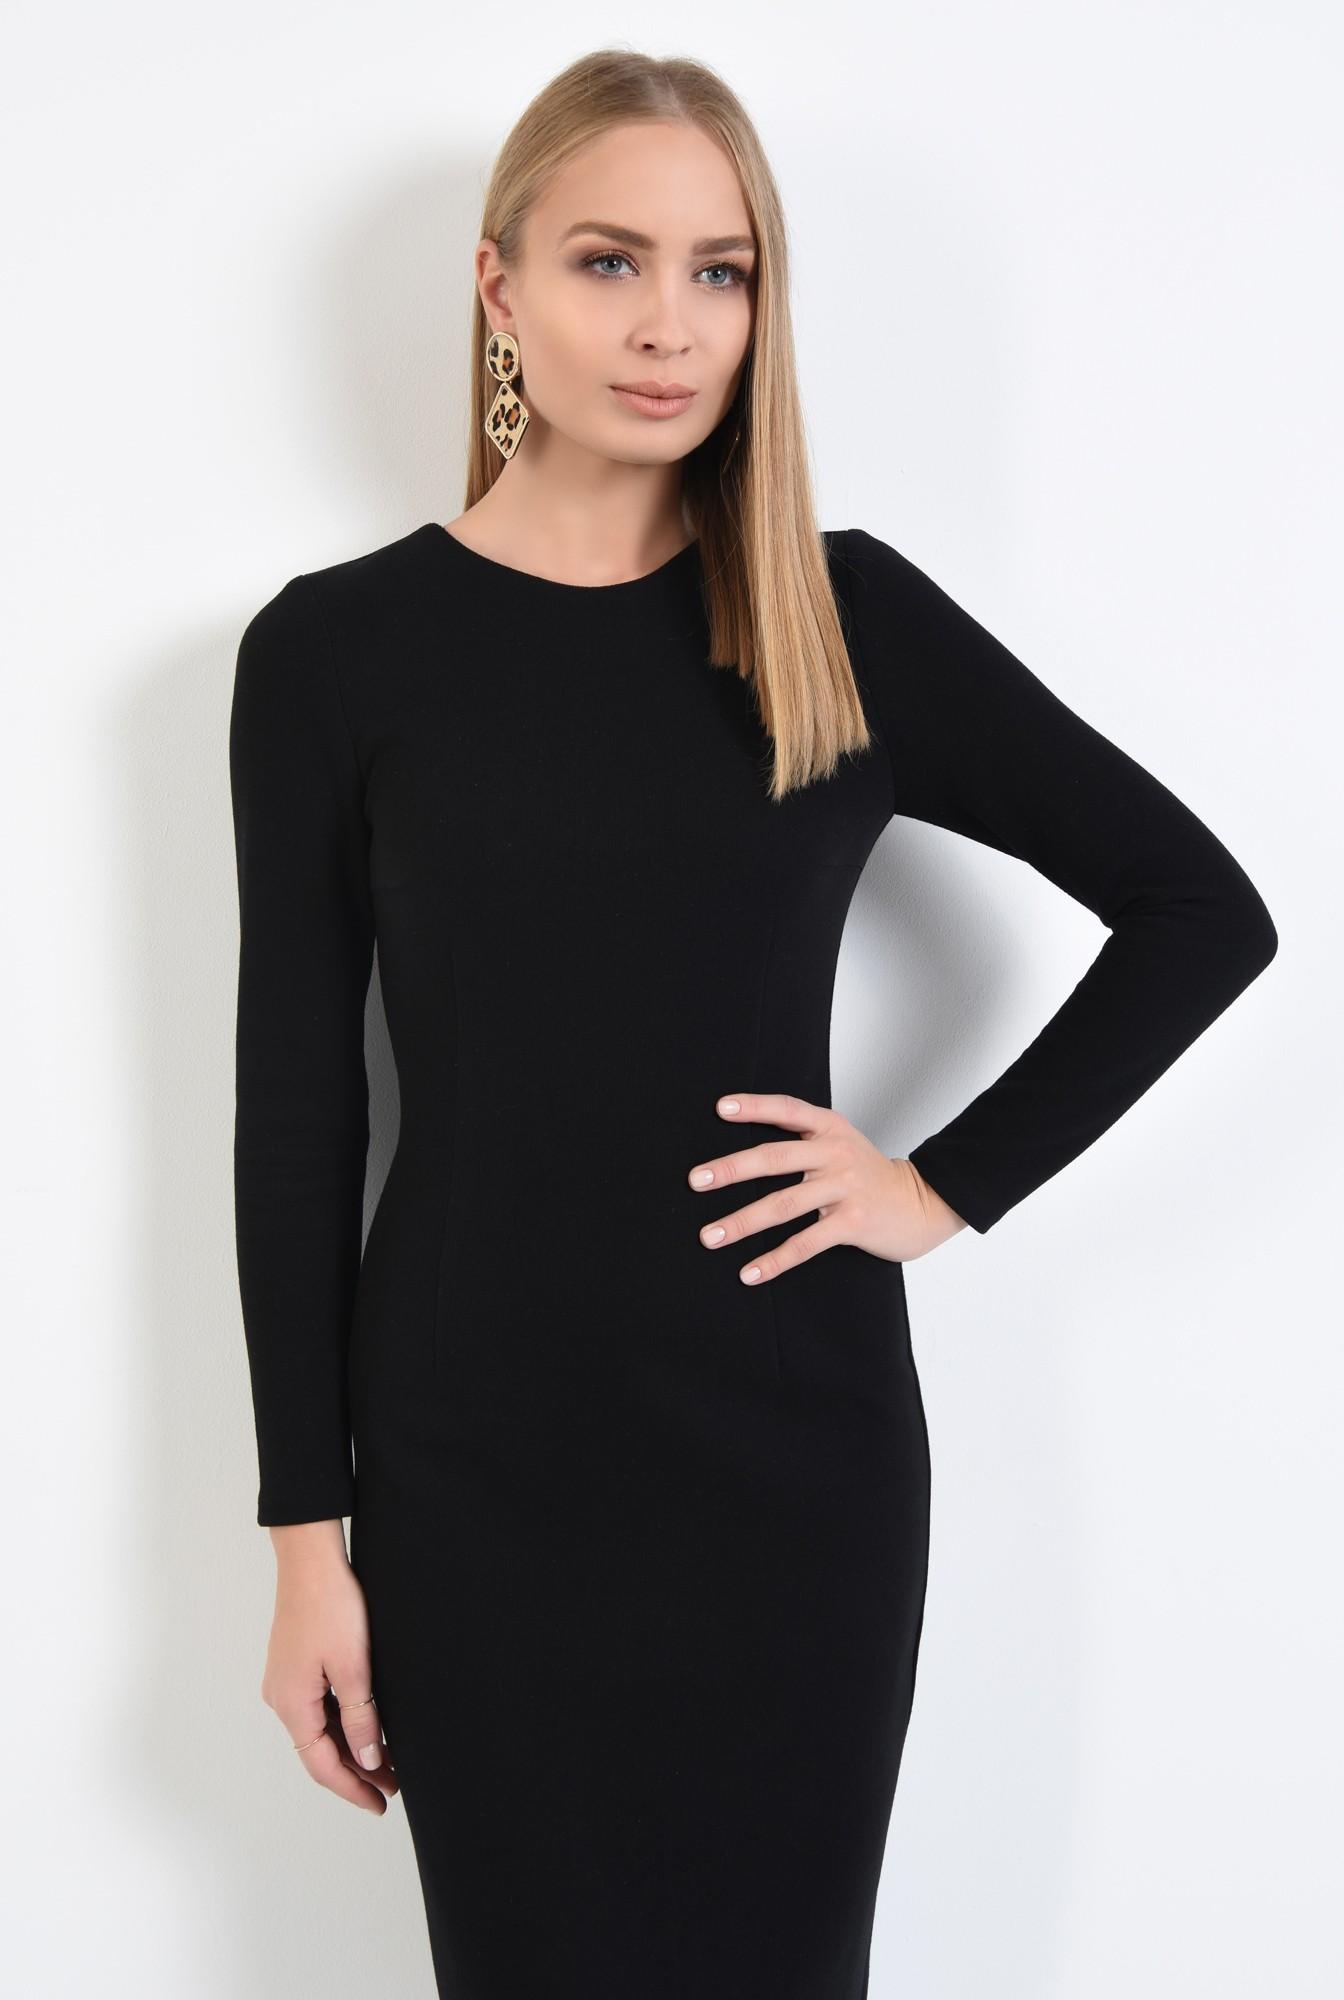 2 - 360 - rochie neagra, cambrata, casual, tricotata, rochii online